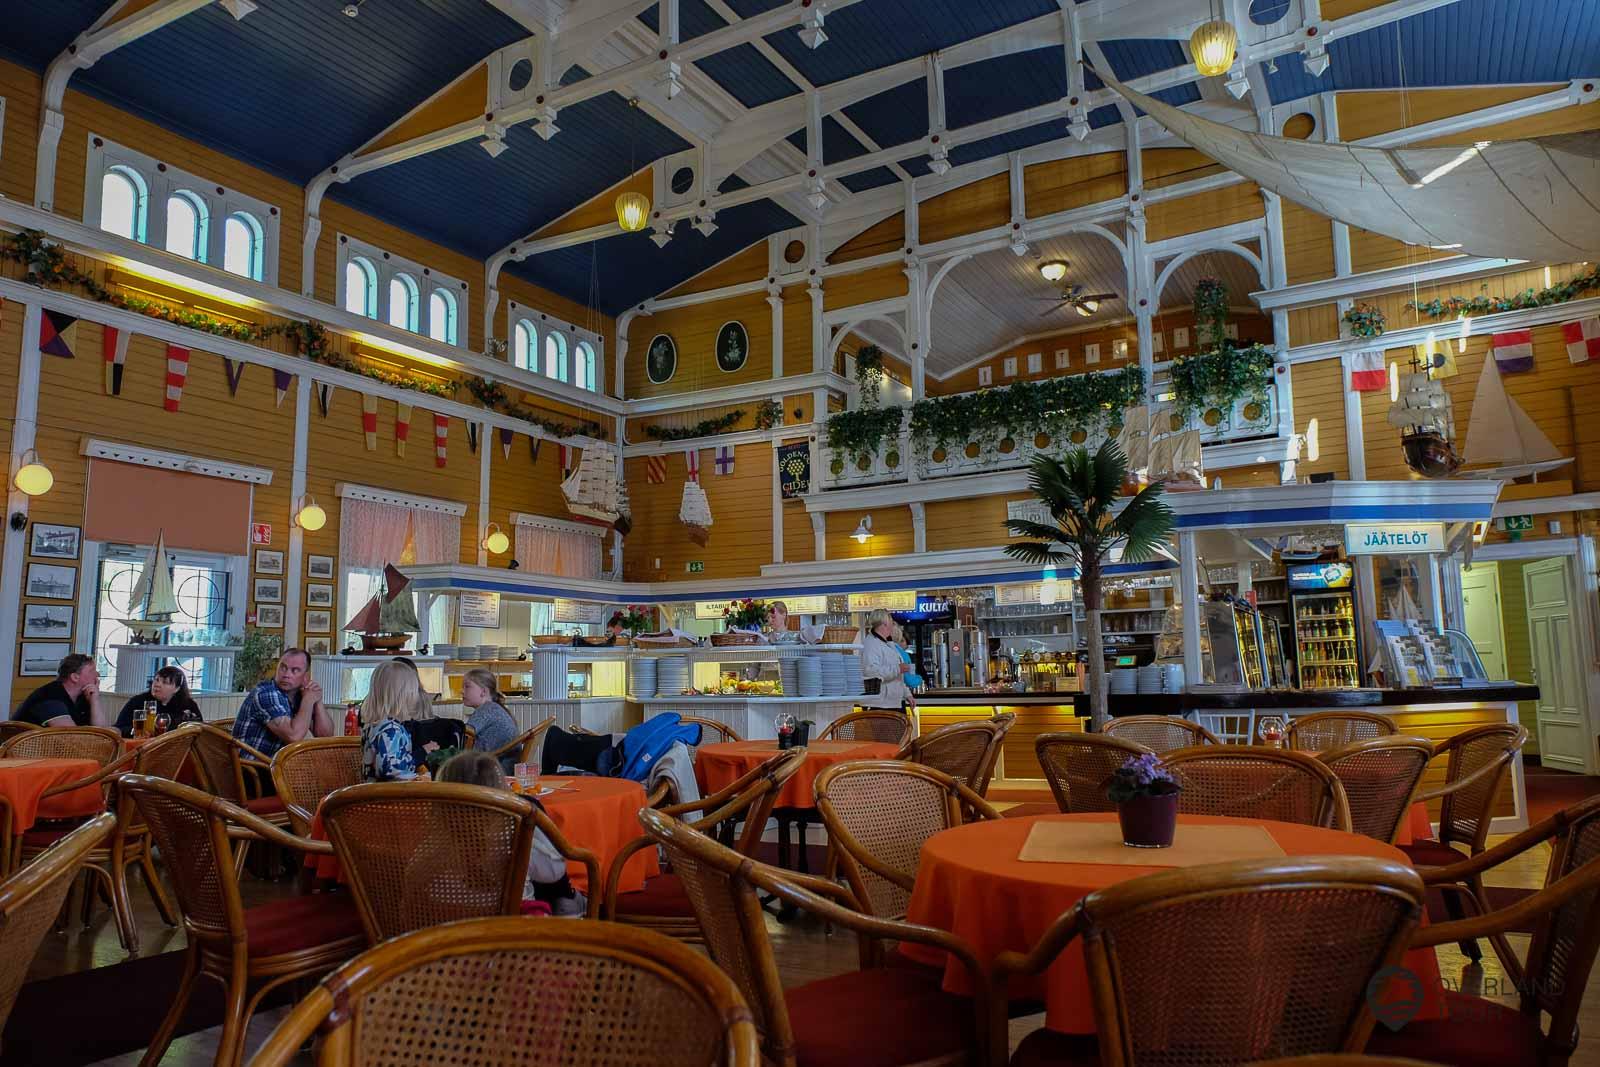 Das Restaurant Merisali - DAs macht was her das alte SPA